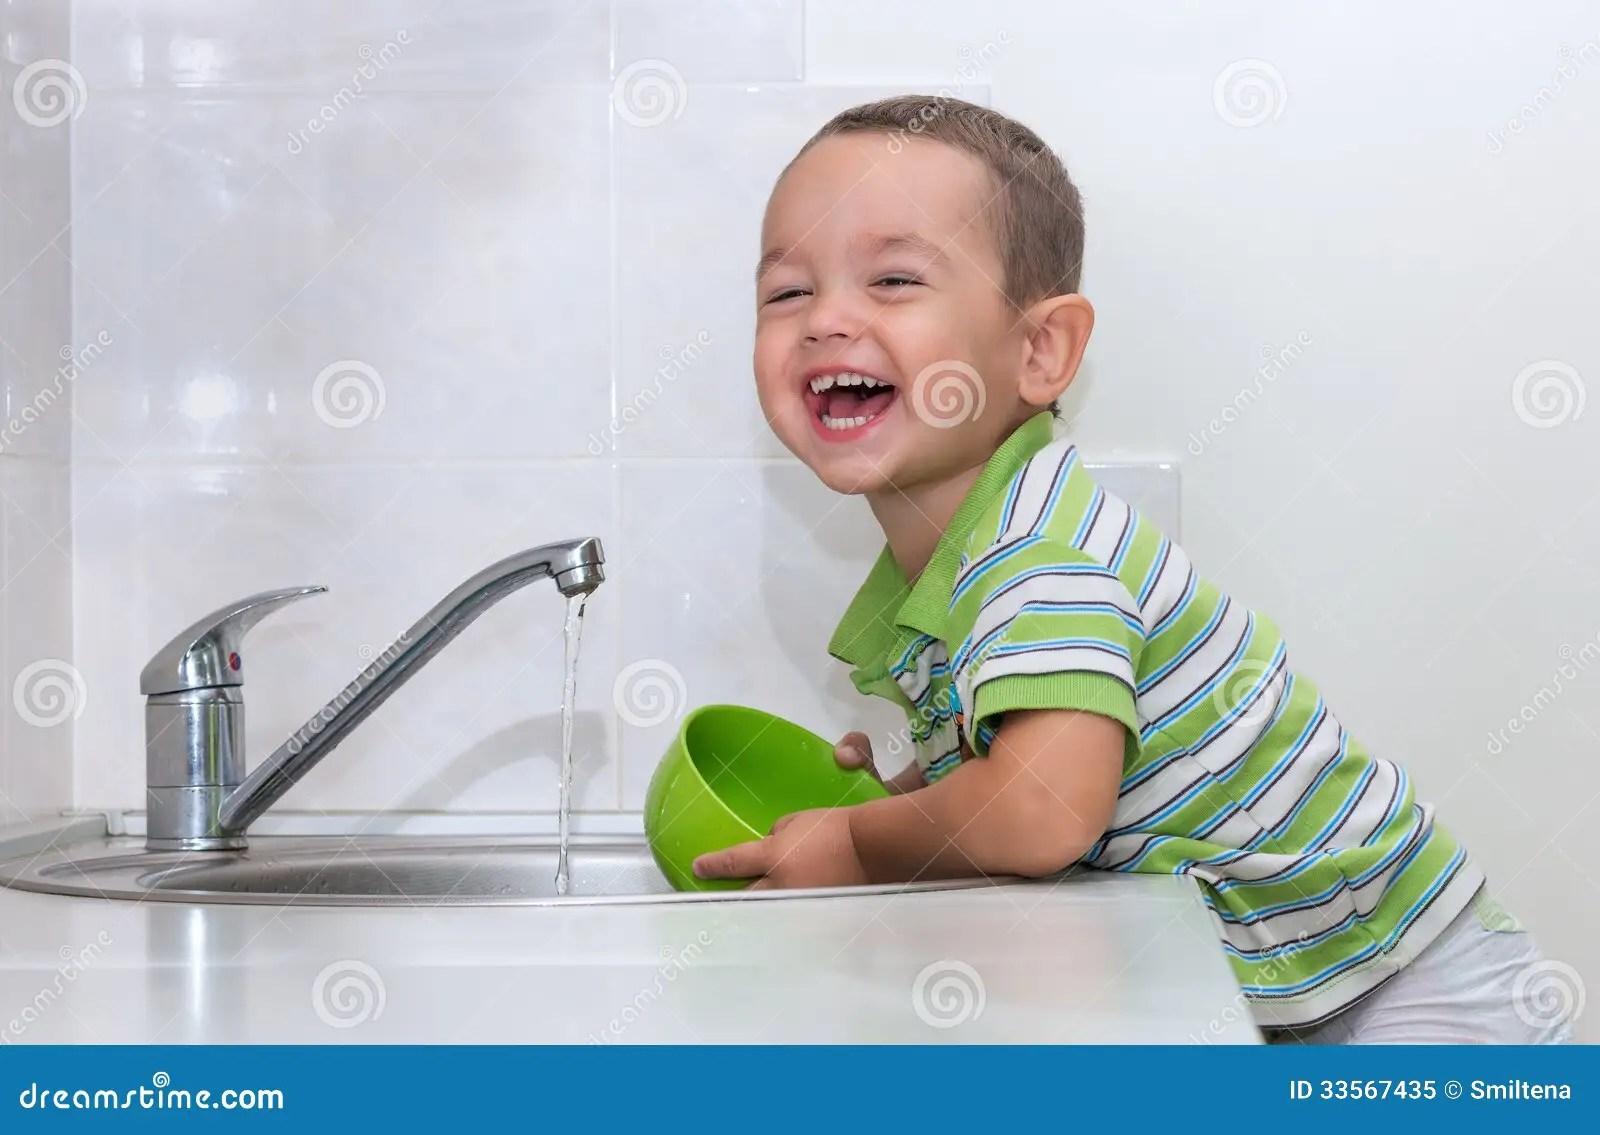 Little Boy Washing Dishes Royalty Free Stock Photo  Image